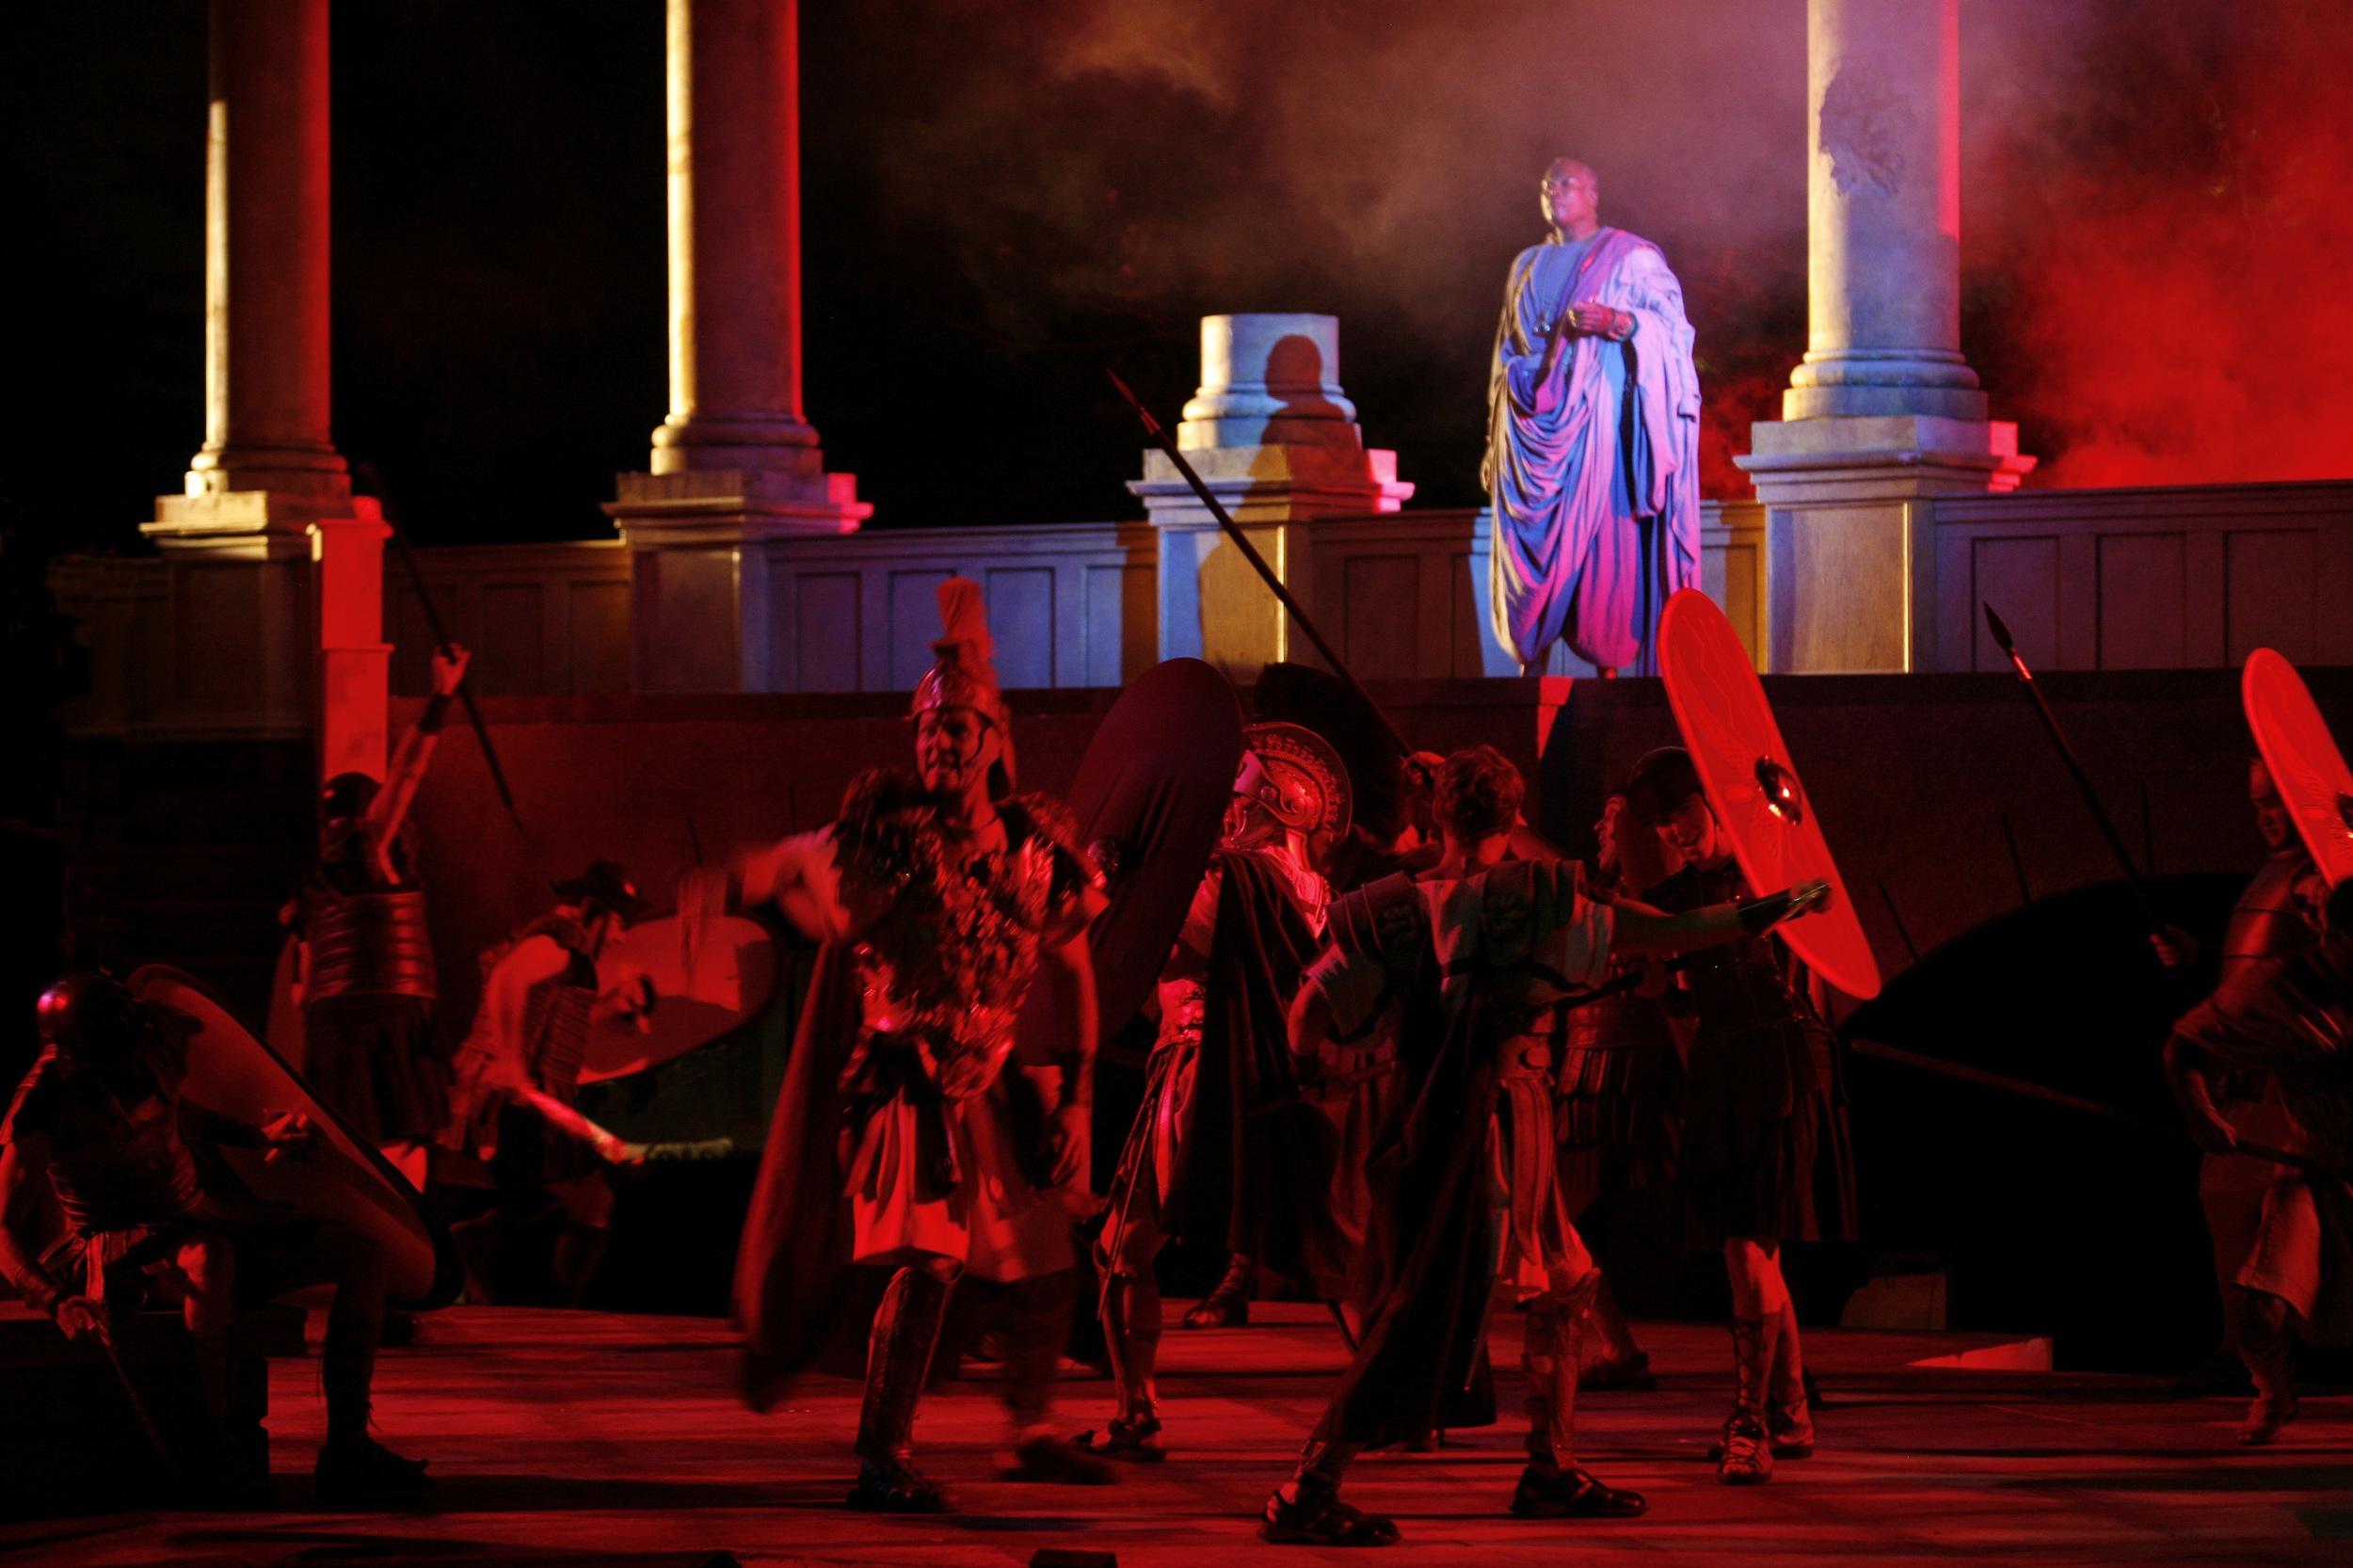 Julius Caesar - The Battle at Philippi.jpg